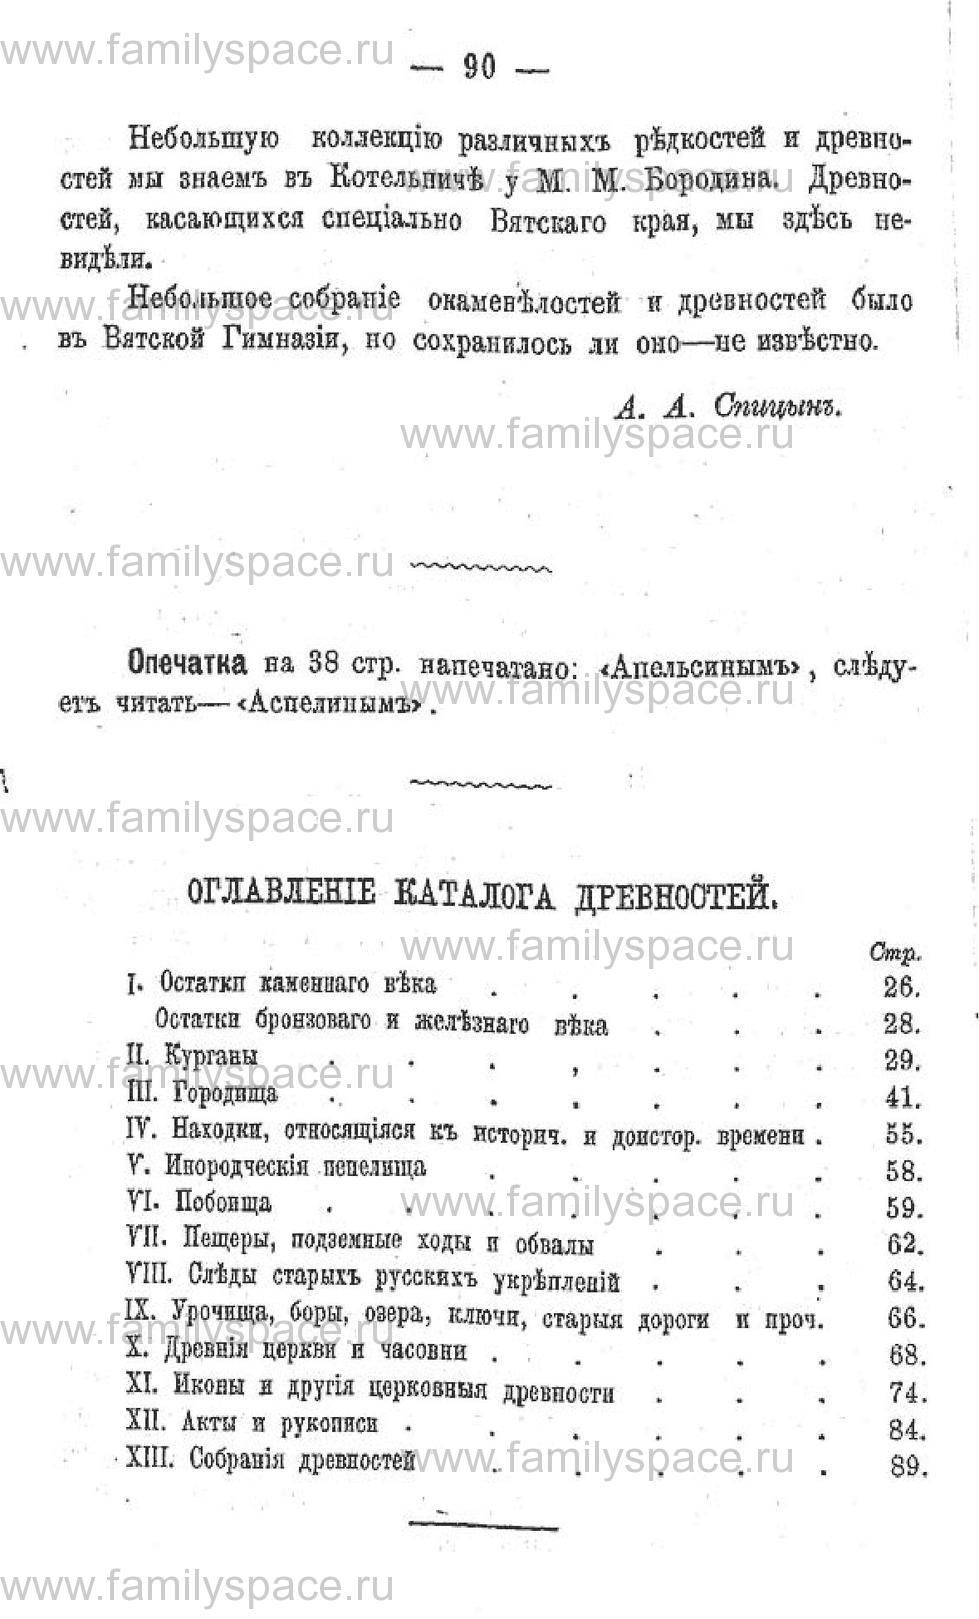 Поиск по фамилии - Календарь Вятской губернии на 1882 год, страница 93